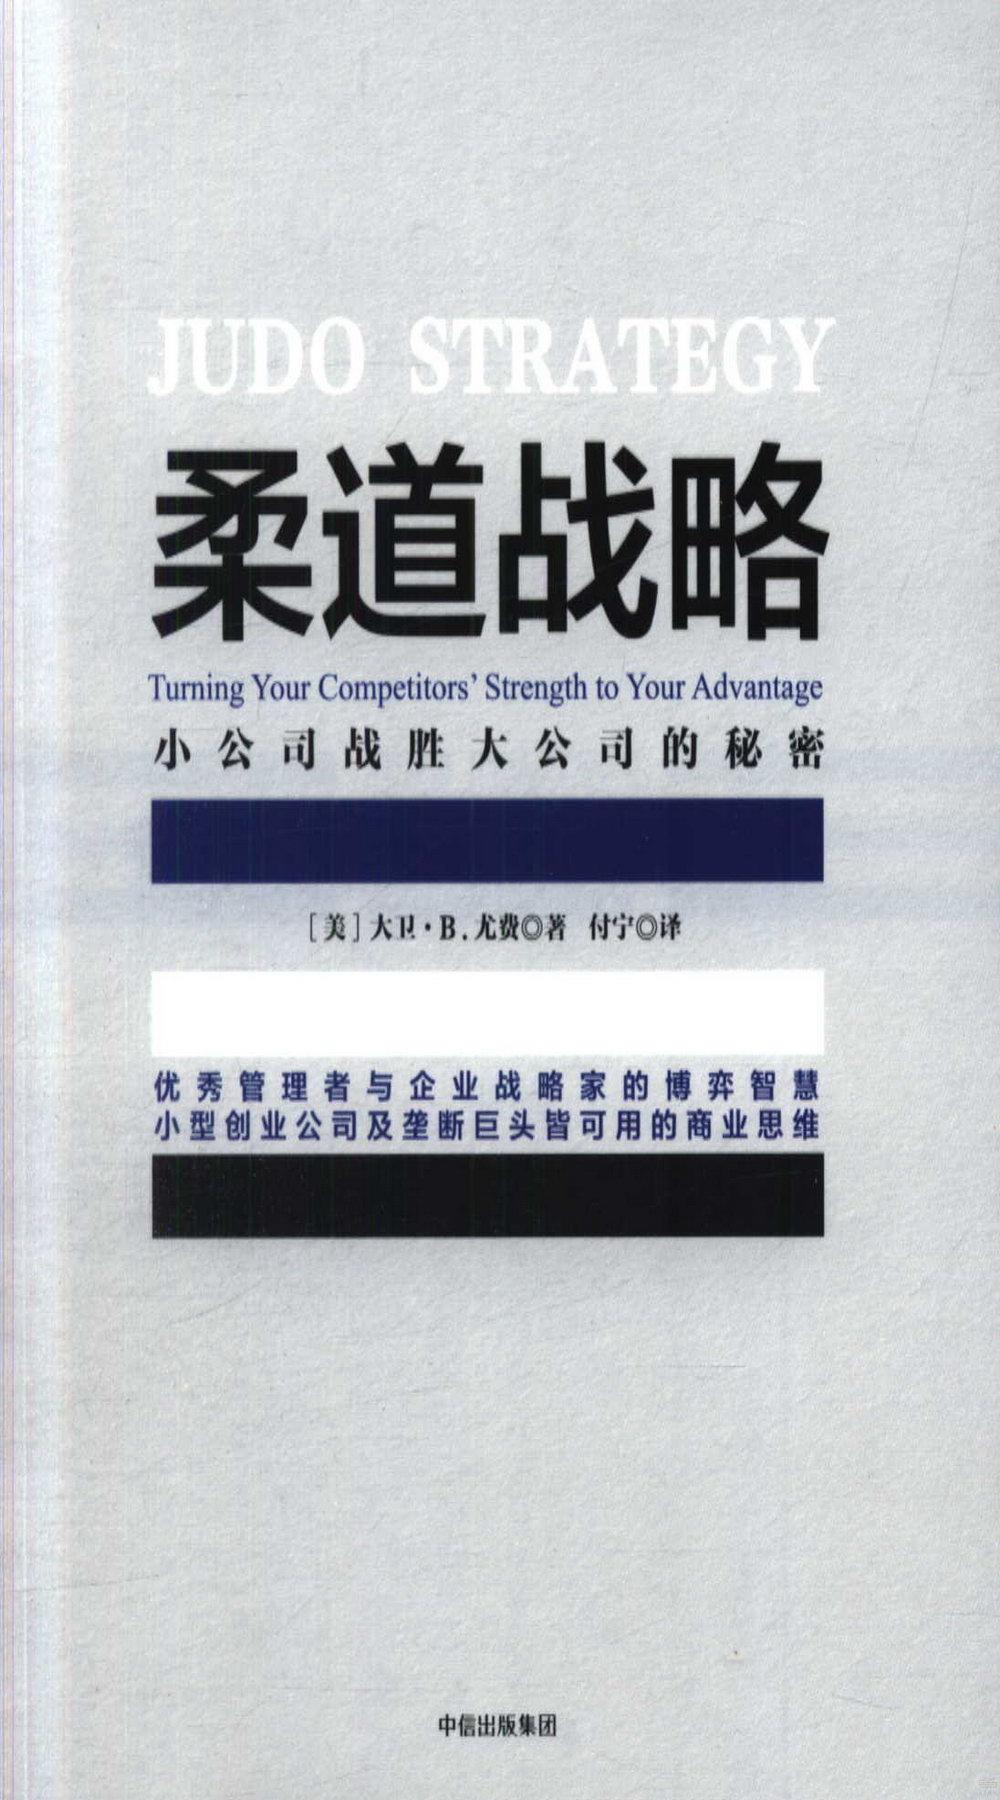 柔道戰略:小公司戰勝大公司的秘密